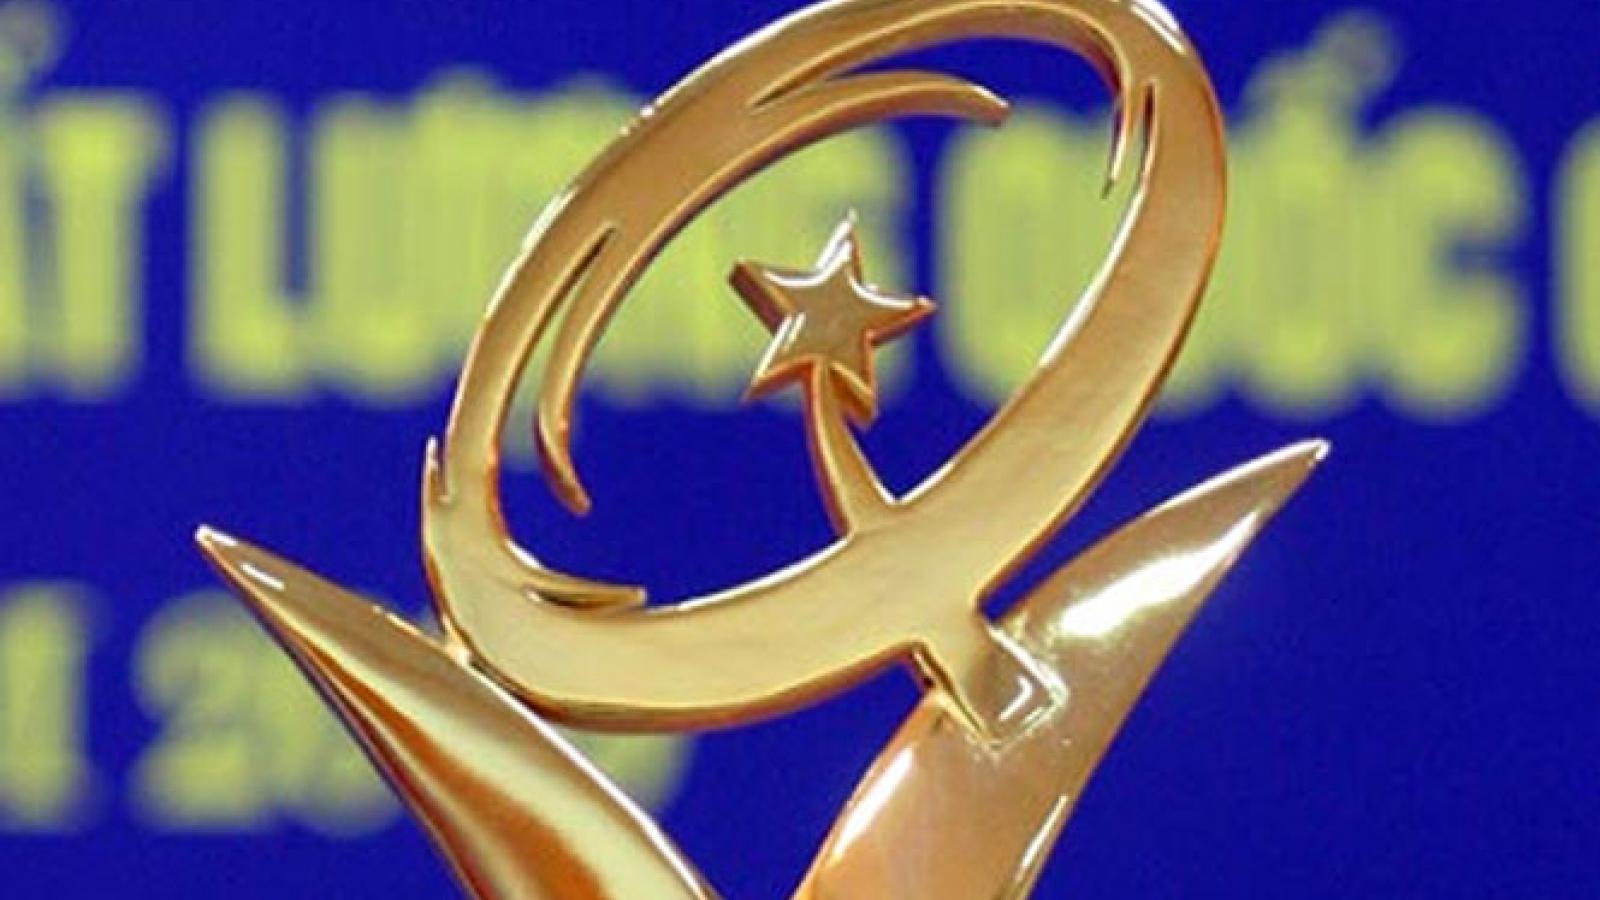 116 doanh nghiệpđược Thủ tướng Chính phủ trao Giải thưởng Chất lượng quốc gia